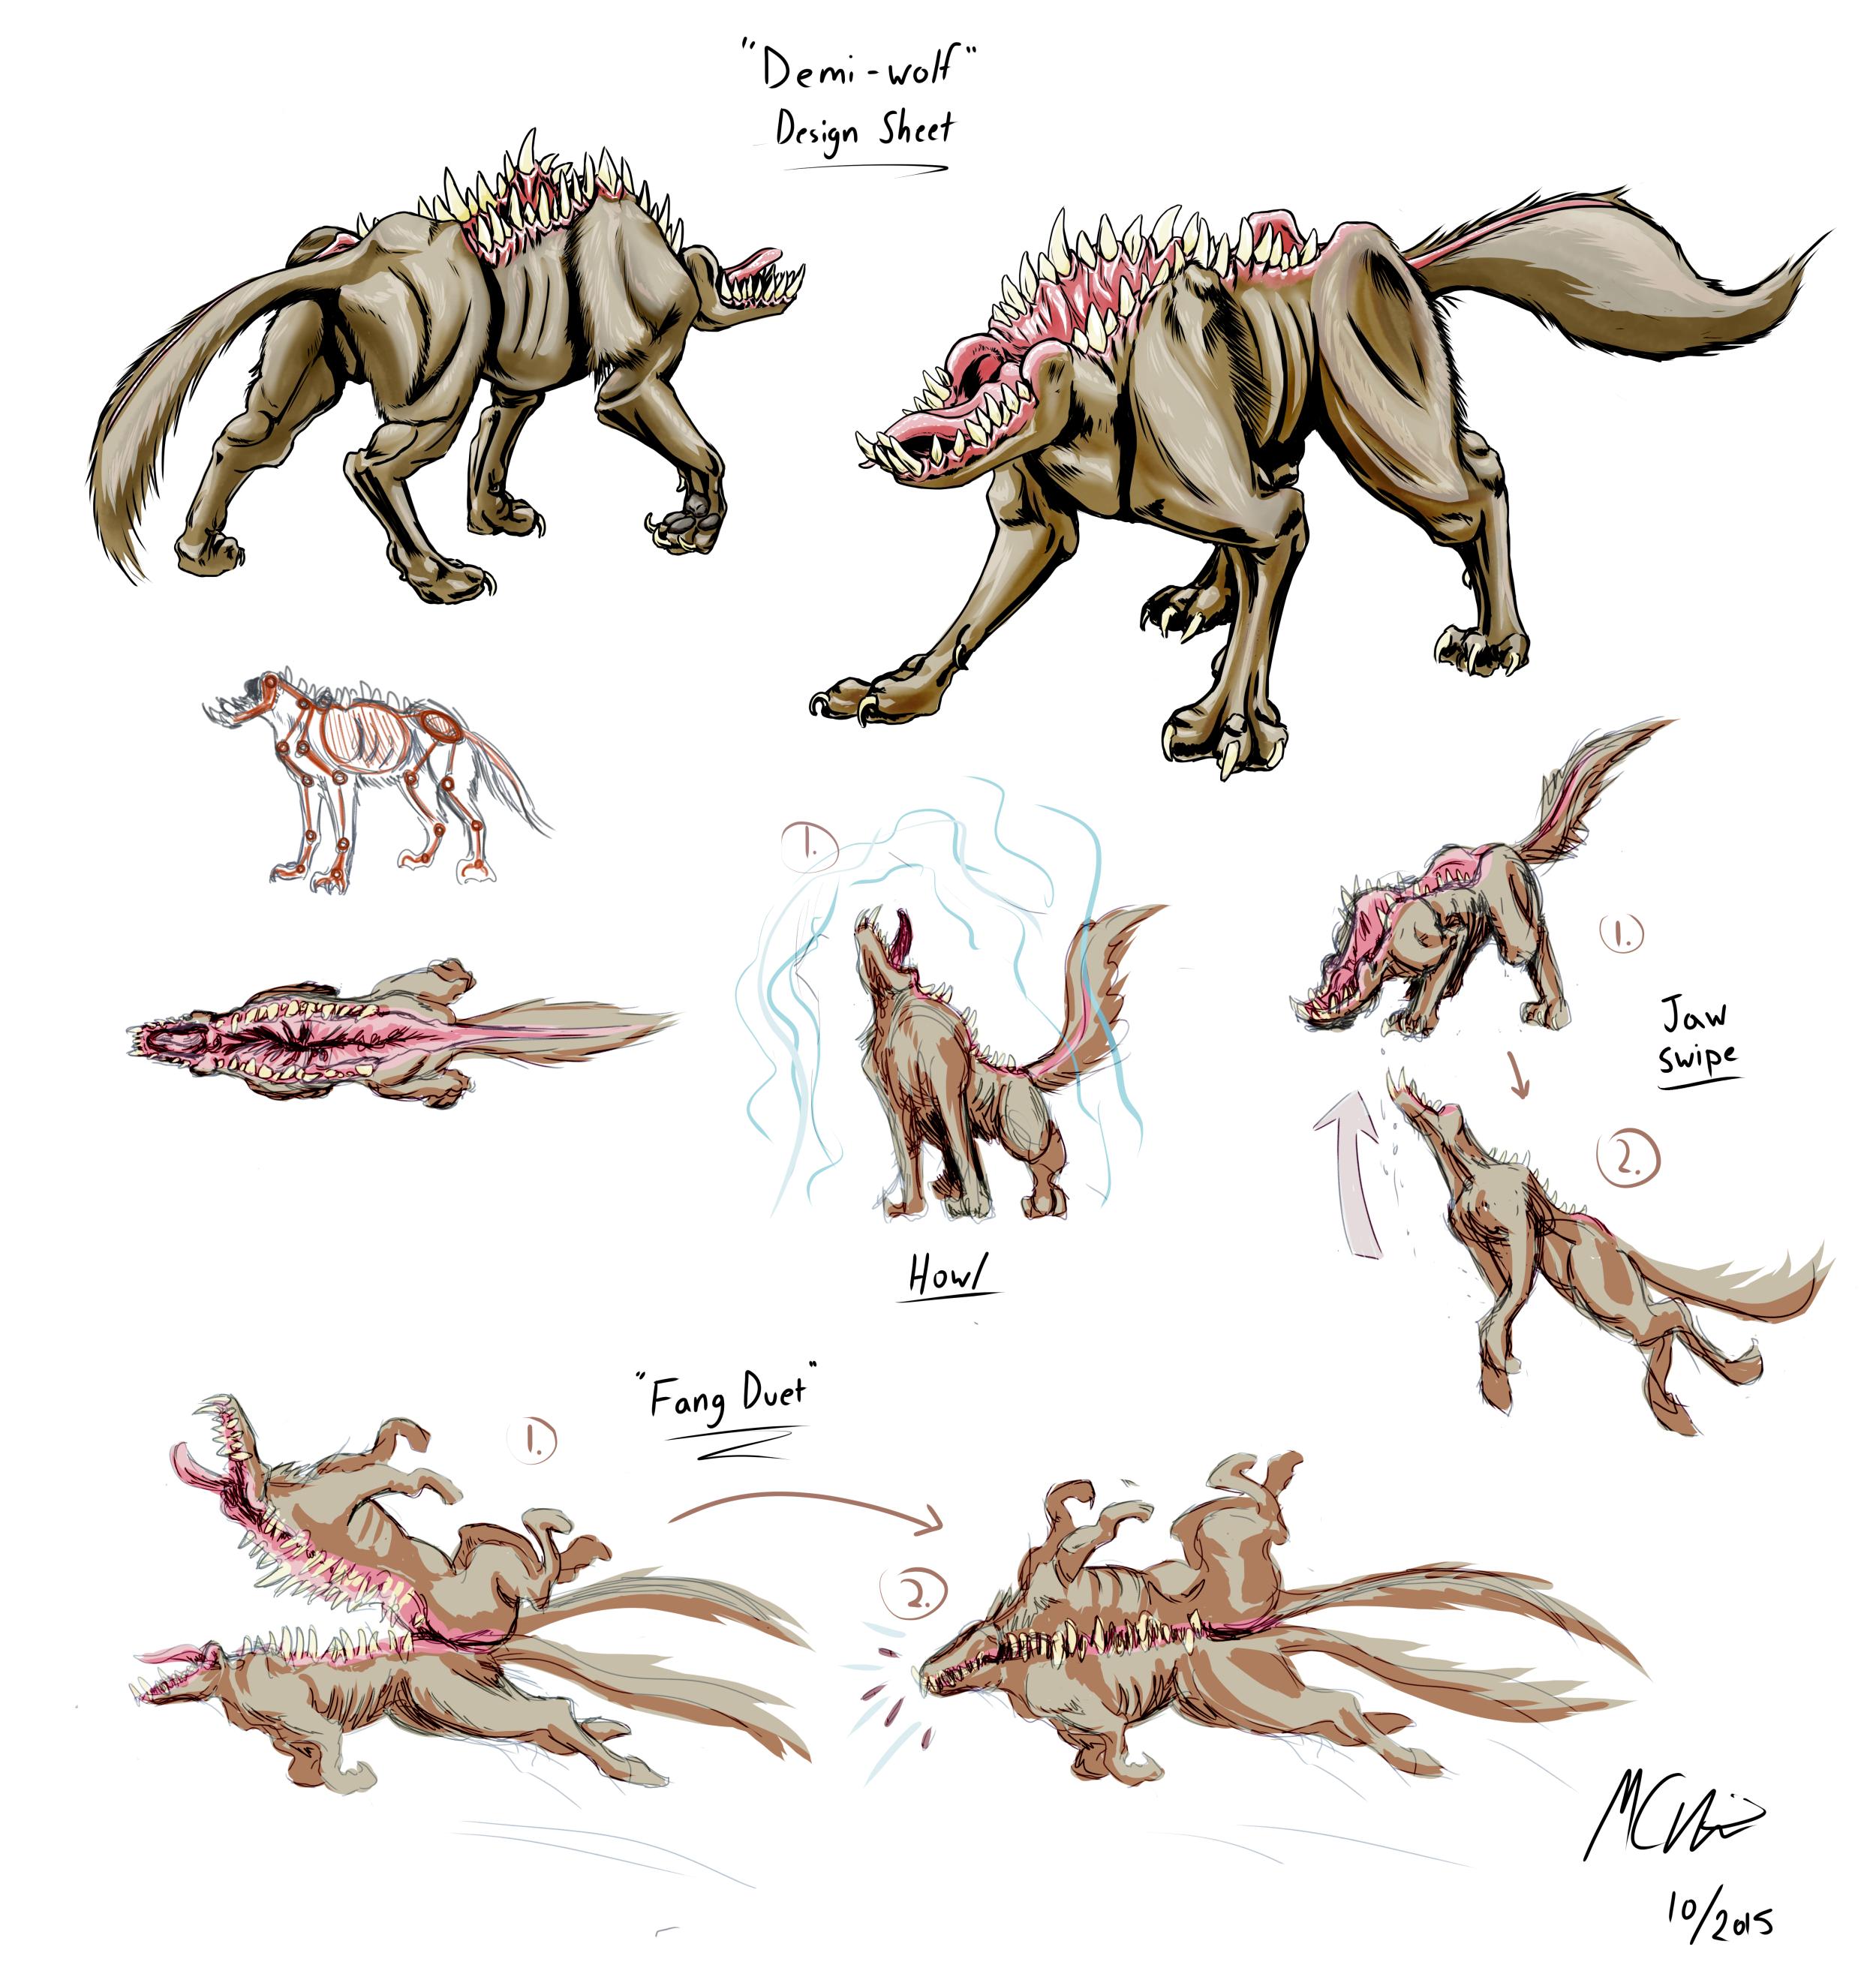 Design Sheet - Demi Wolf.png